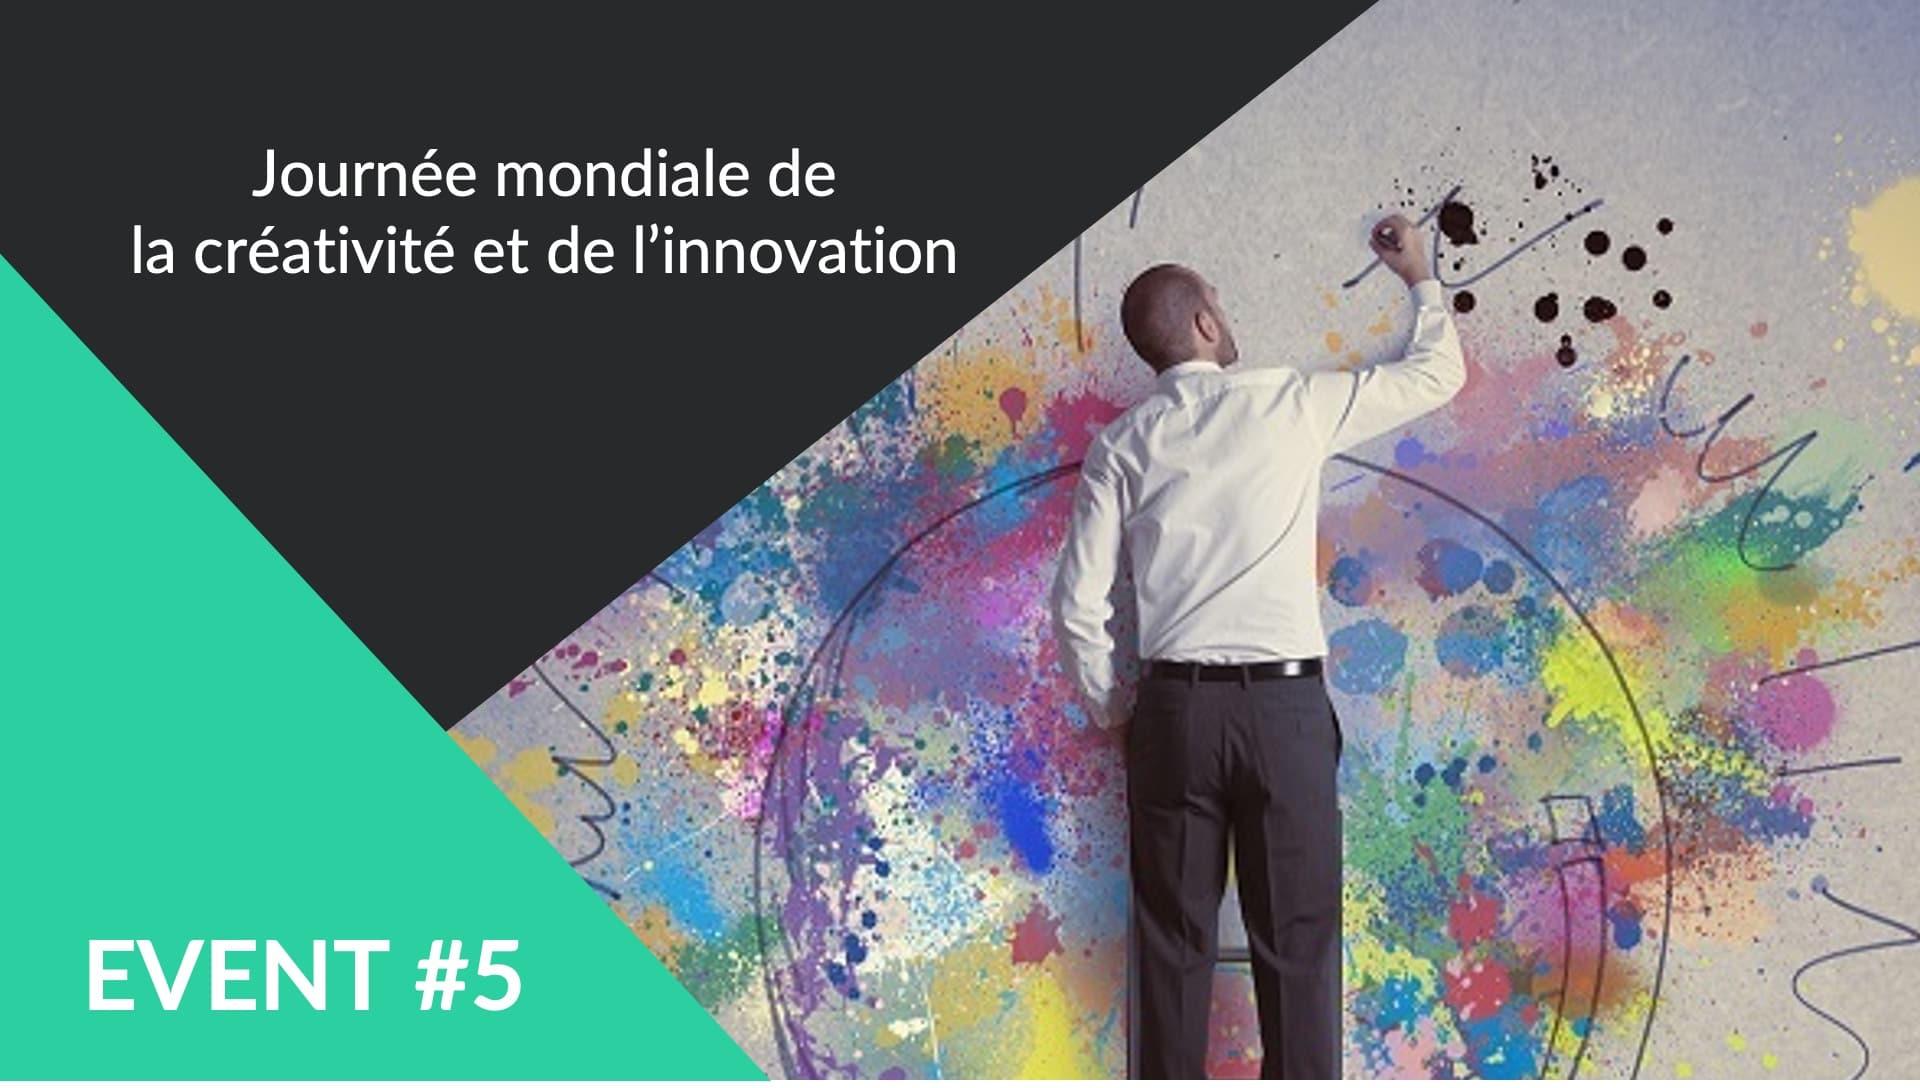 Conférence - Journée mondiale créativité et innovation